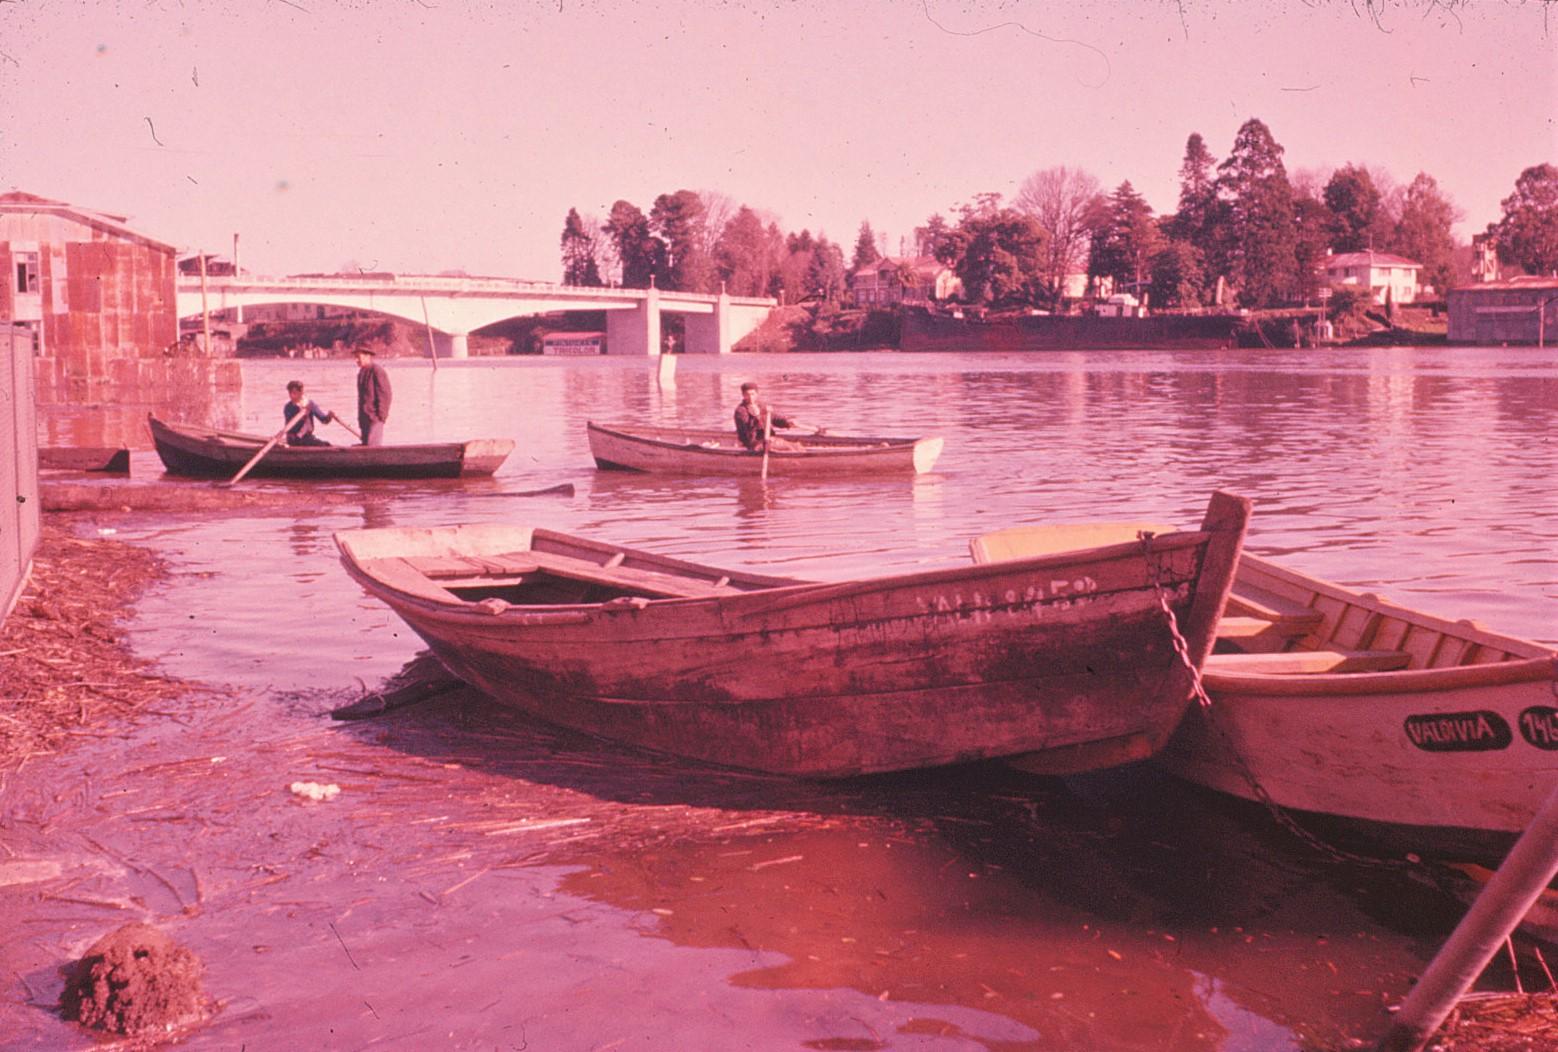 Enterreno - Fotos históricas de chile - fotos antiguas de Chile - Post Terremoto de Valdivia en 1960